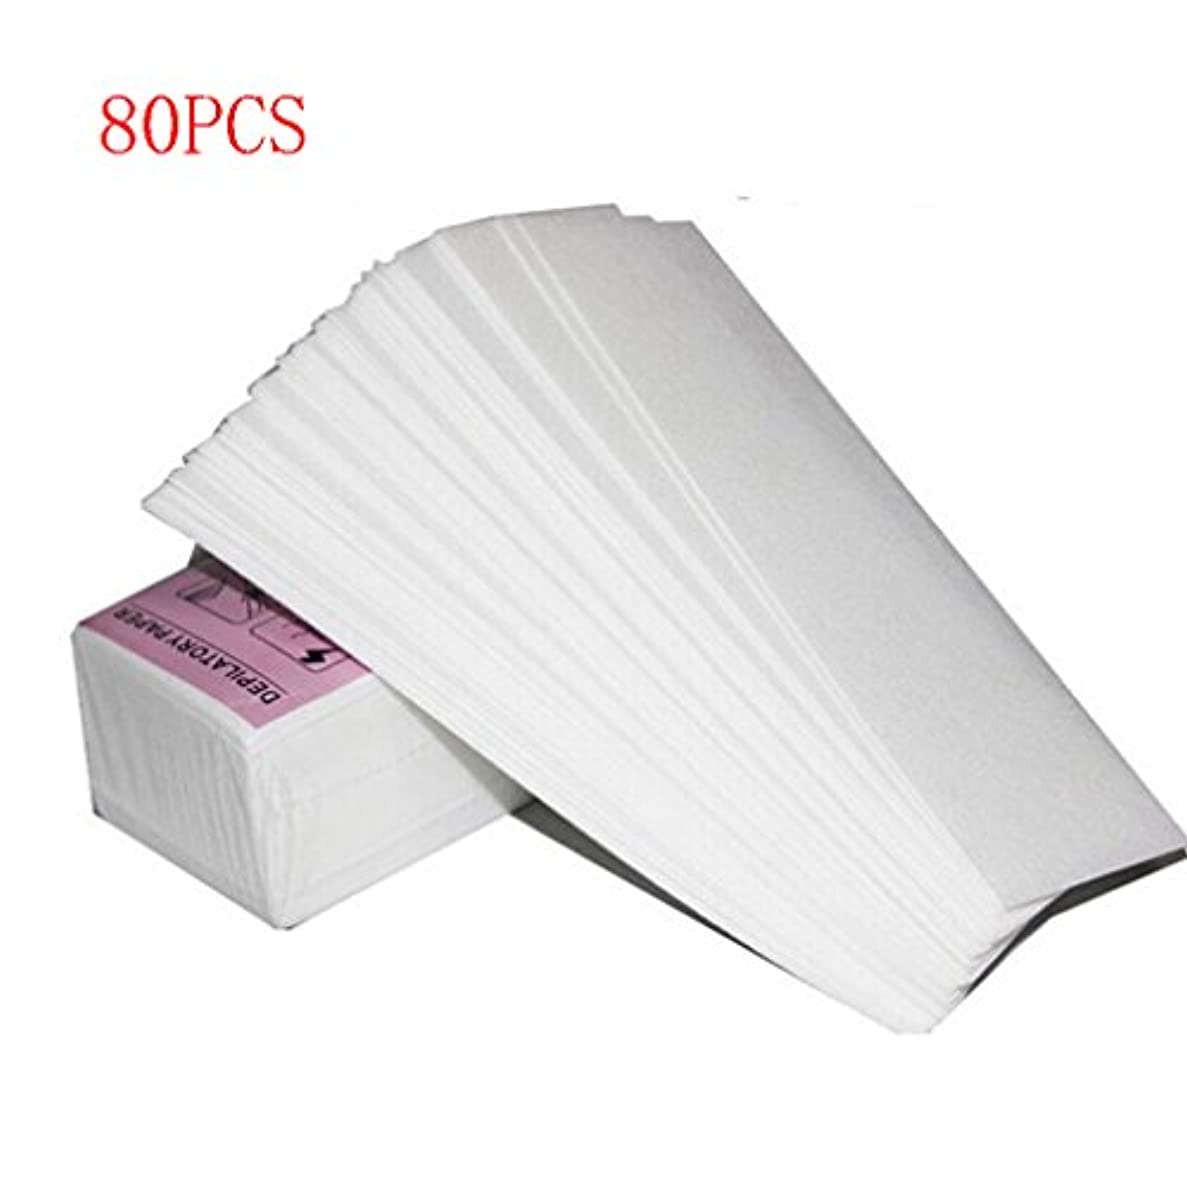 ワックス脱毛紙 厚く 耐久性のある 引き裂く スムースワックスシート インスタント脱毛シート 脱毛ワックスシート ワックスストリップ 紙 80回分 大容量